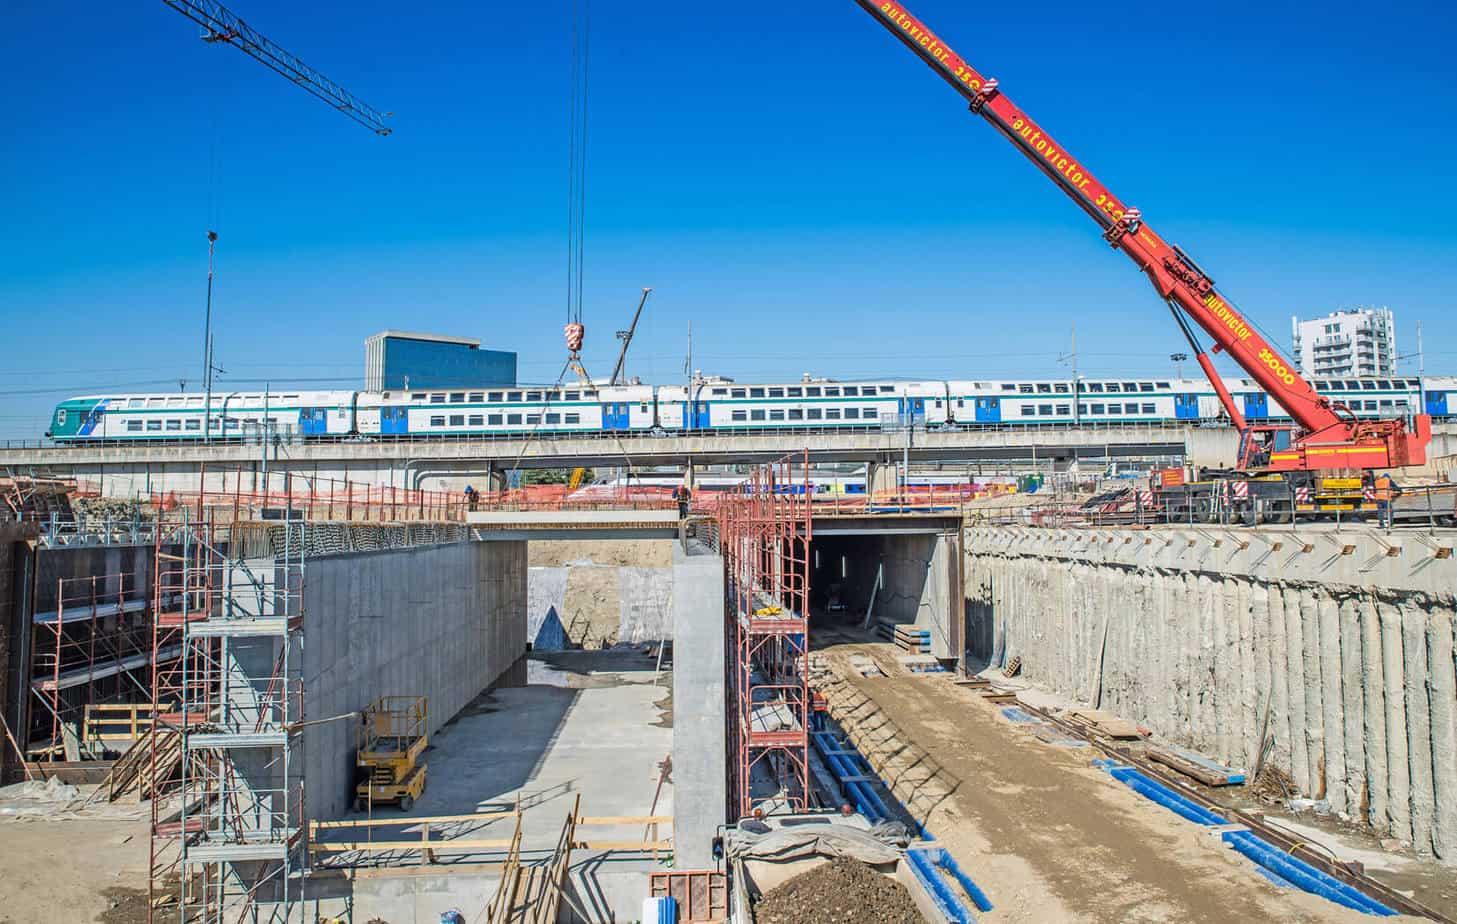 Le fasi di costruzione del monolite Est